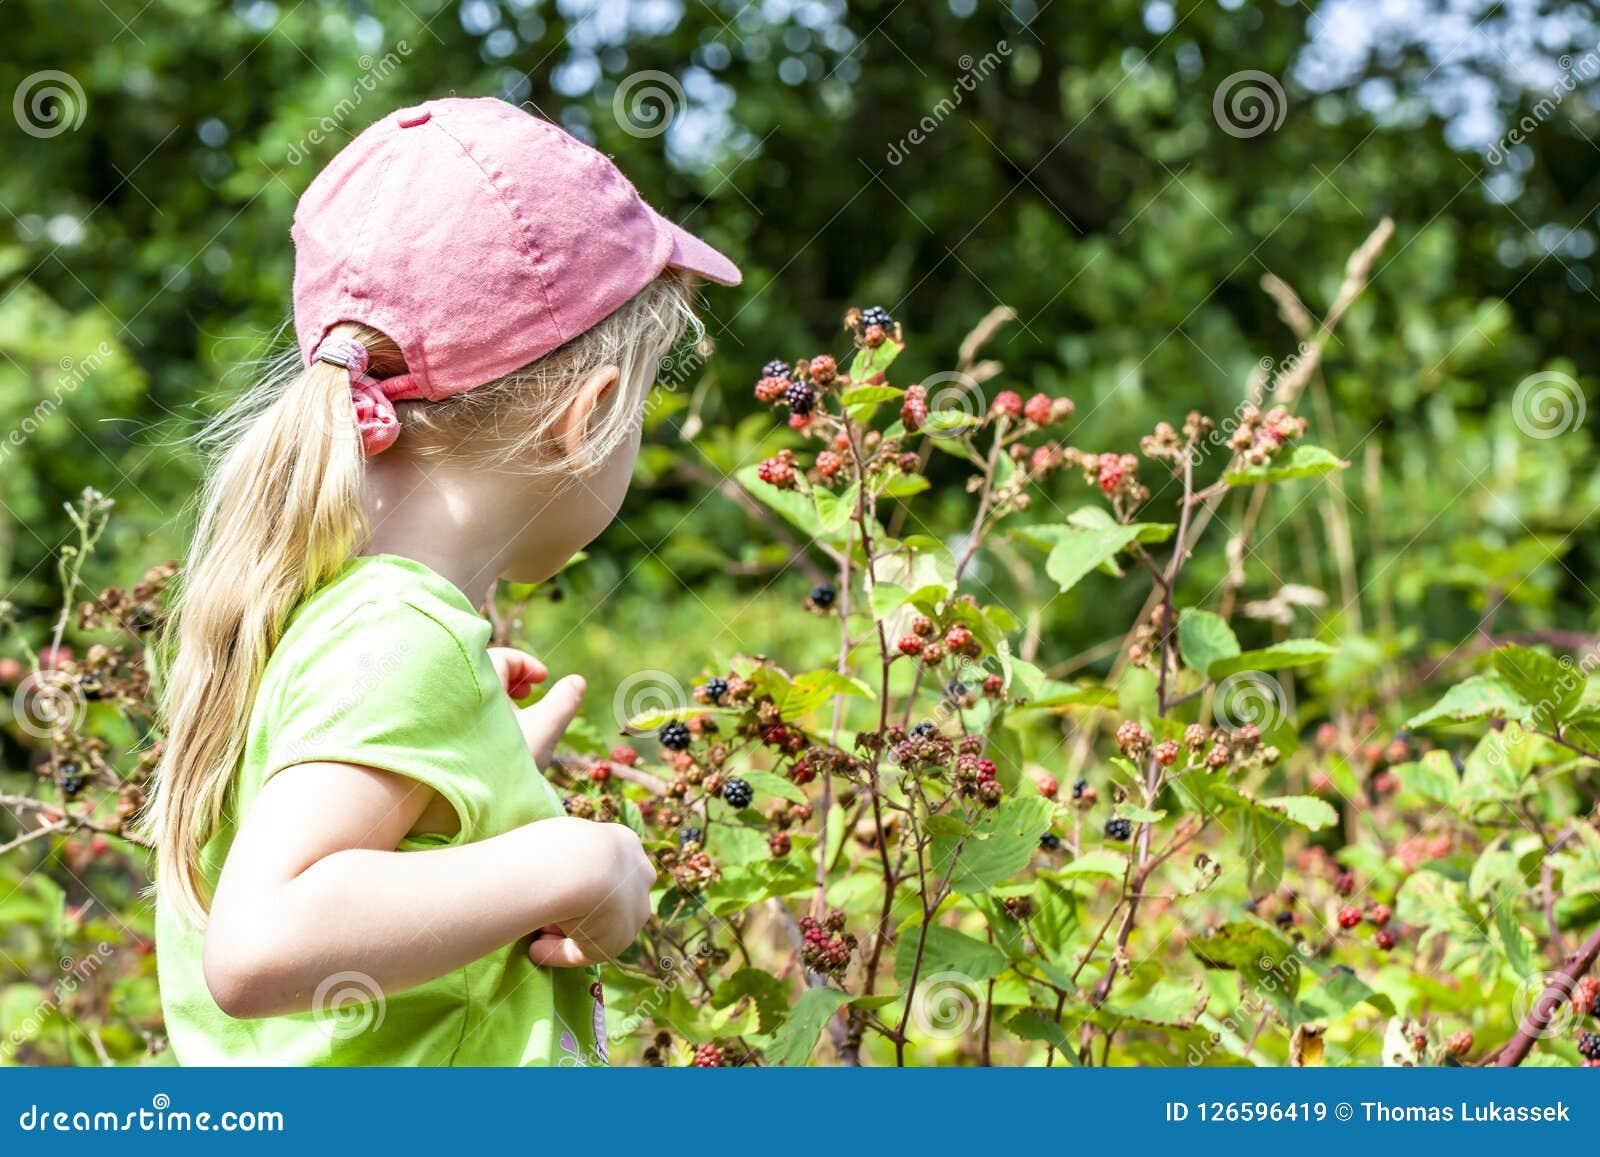 Mała dziewczynka podnosi świeże dzikie malinki w polu w Dani, Europa -